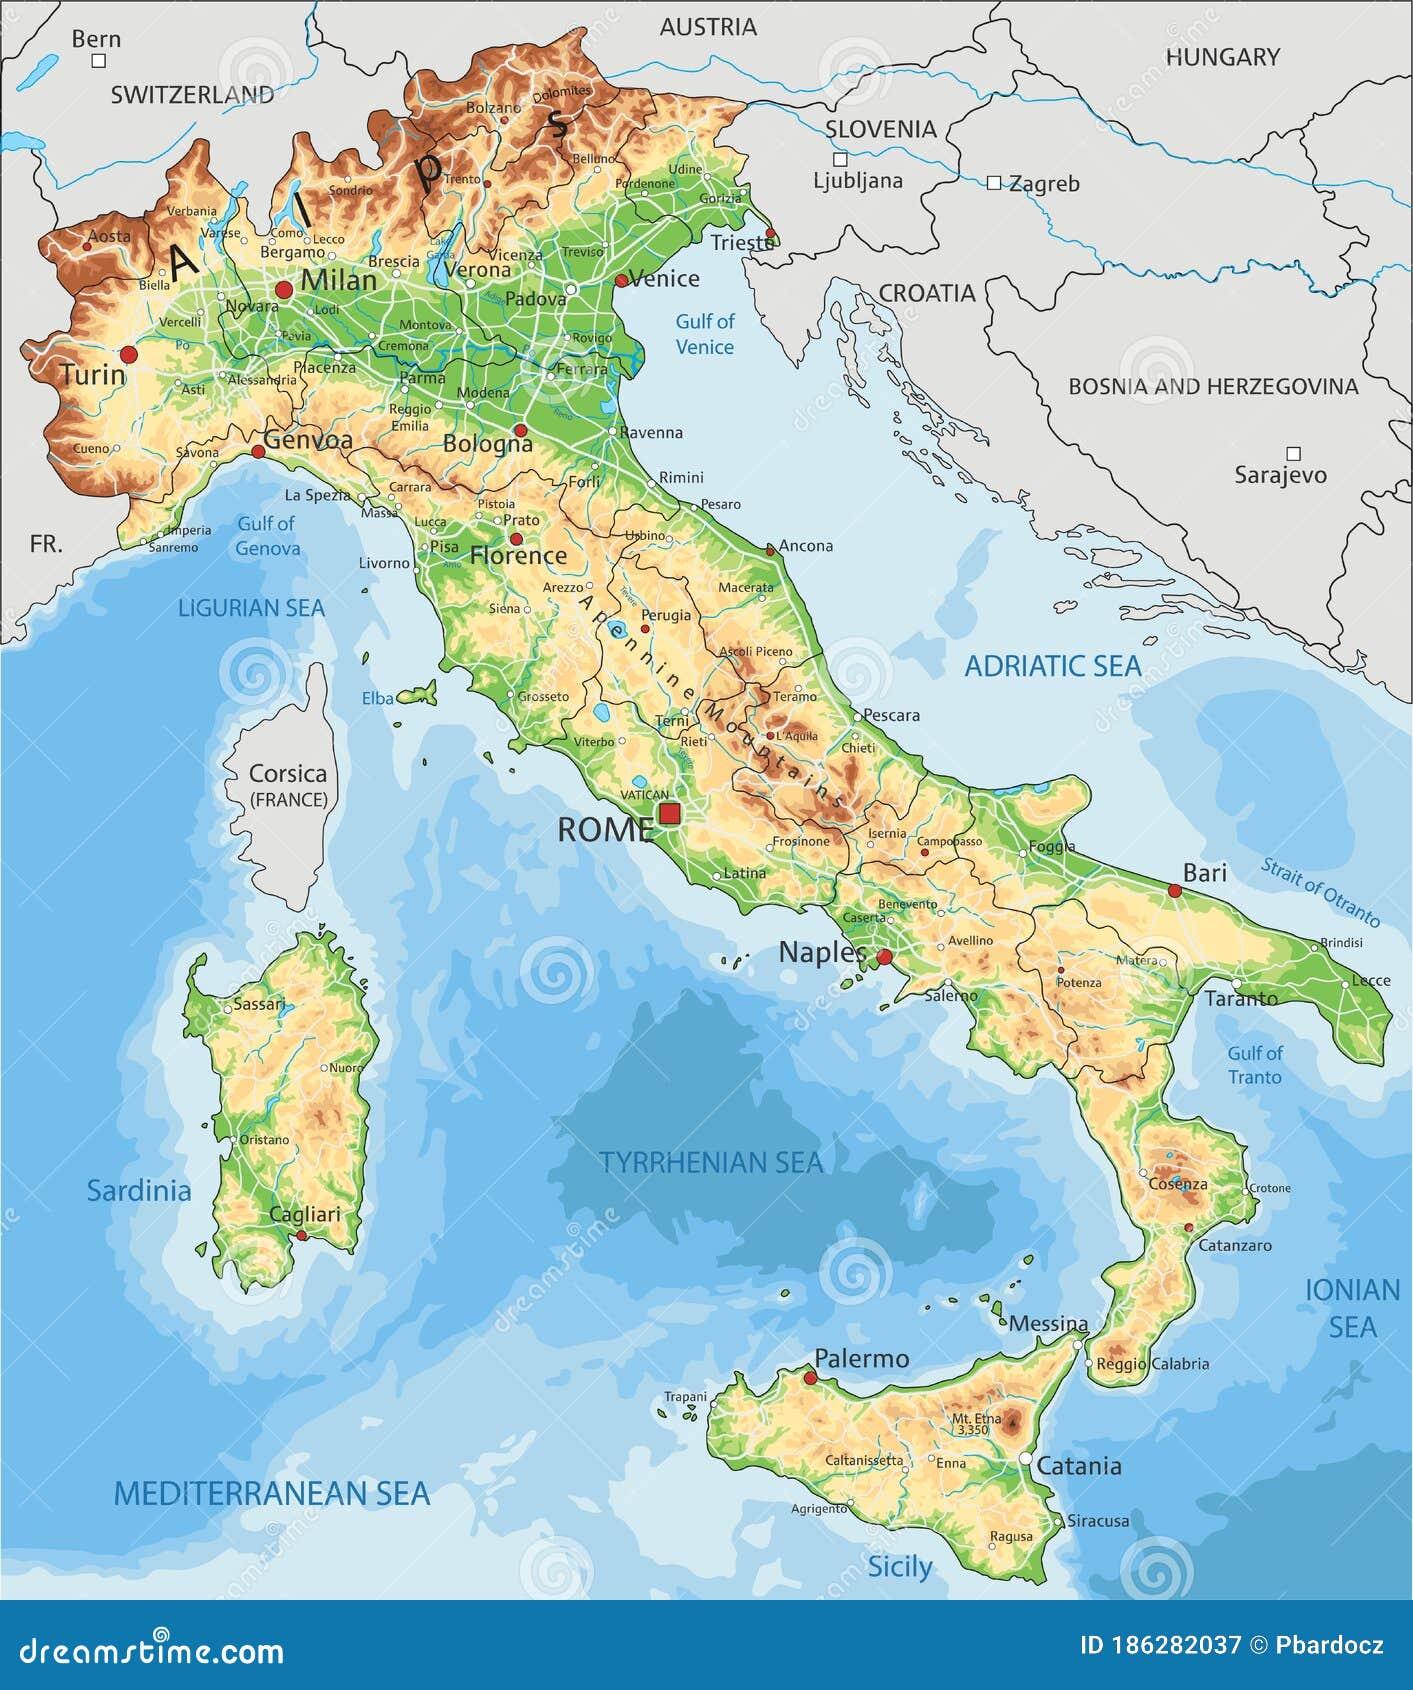 Cartina Italiana Dettagliata.Cartina Fisica Dettagliata Dell Italia Con Etichettatura Illustrazione Vettoriale Illustrazione Di Identificare Illustrazione 186282037